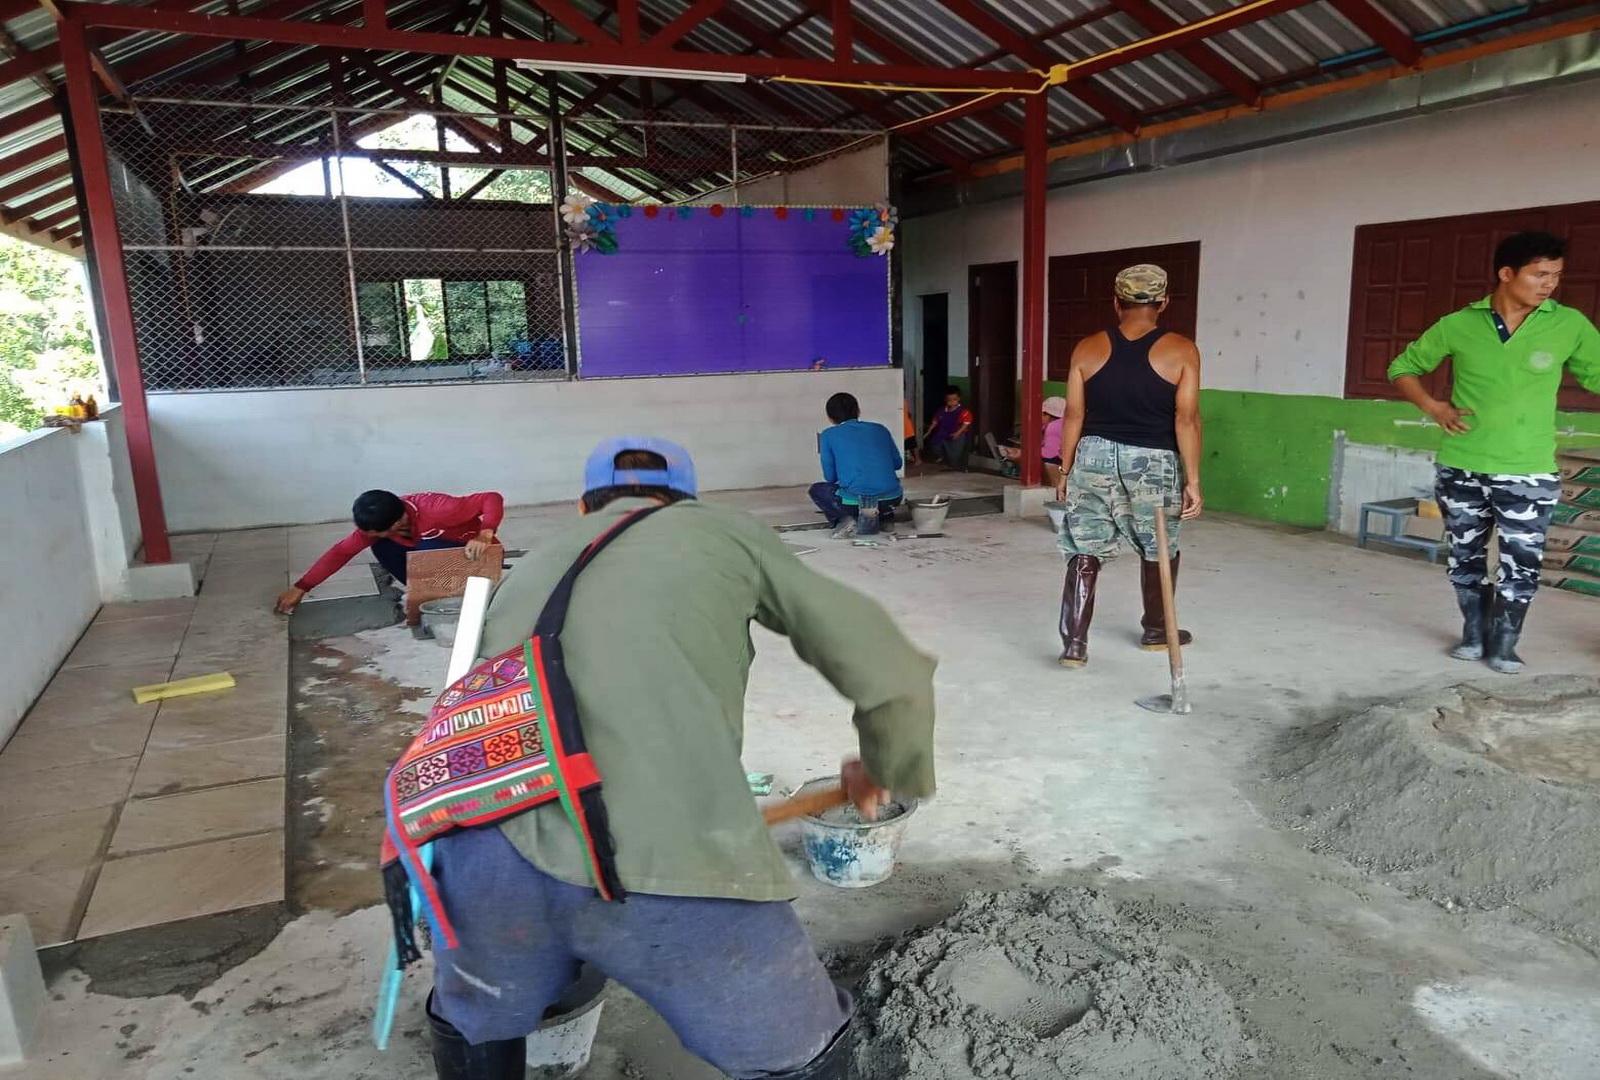 Ban Phayaprai daycare centre, Chiang Rai